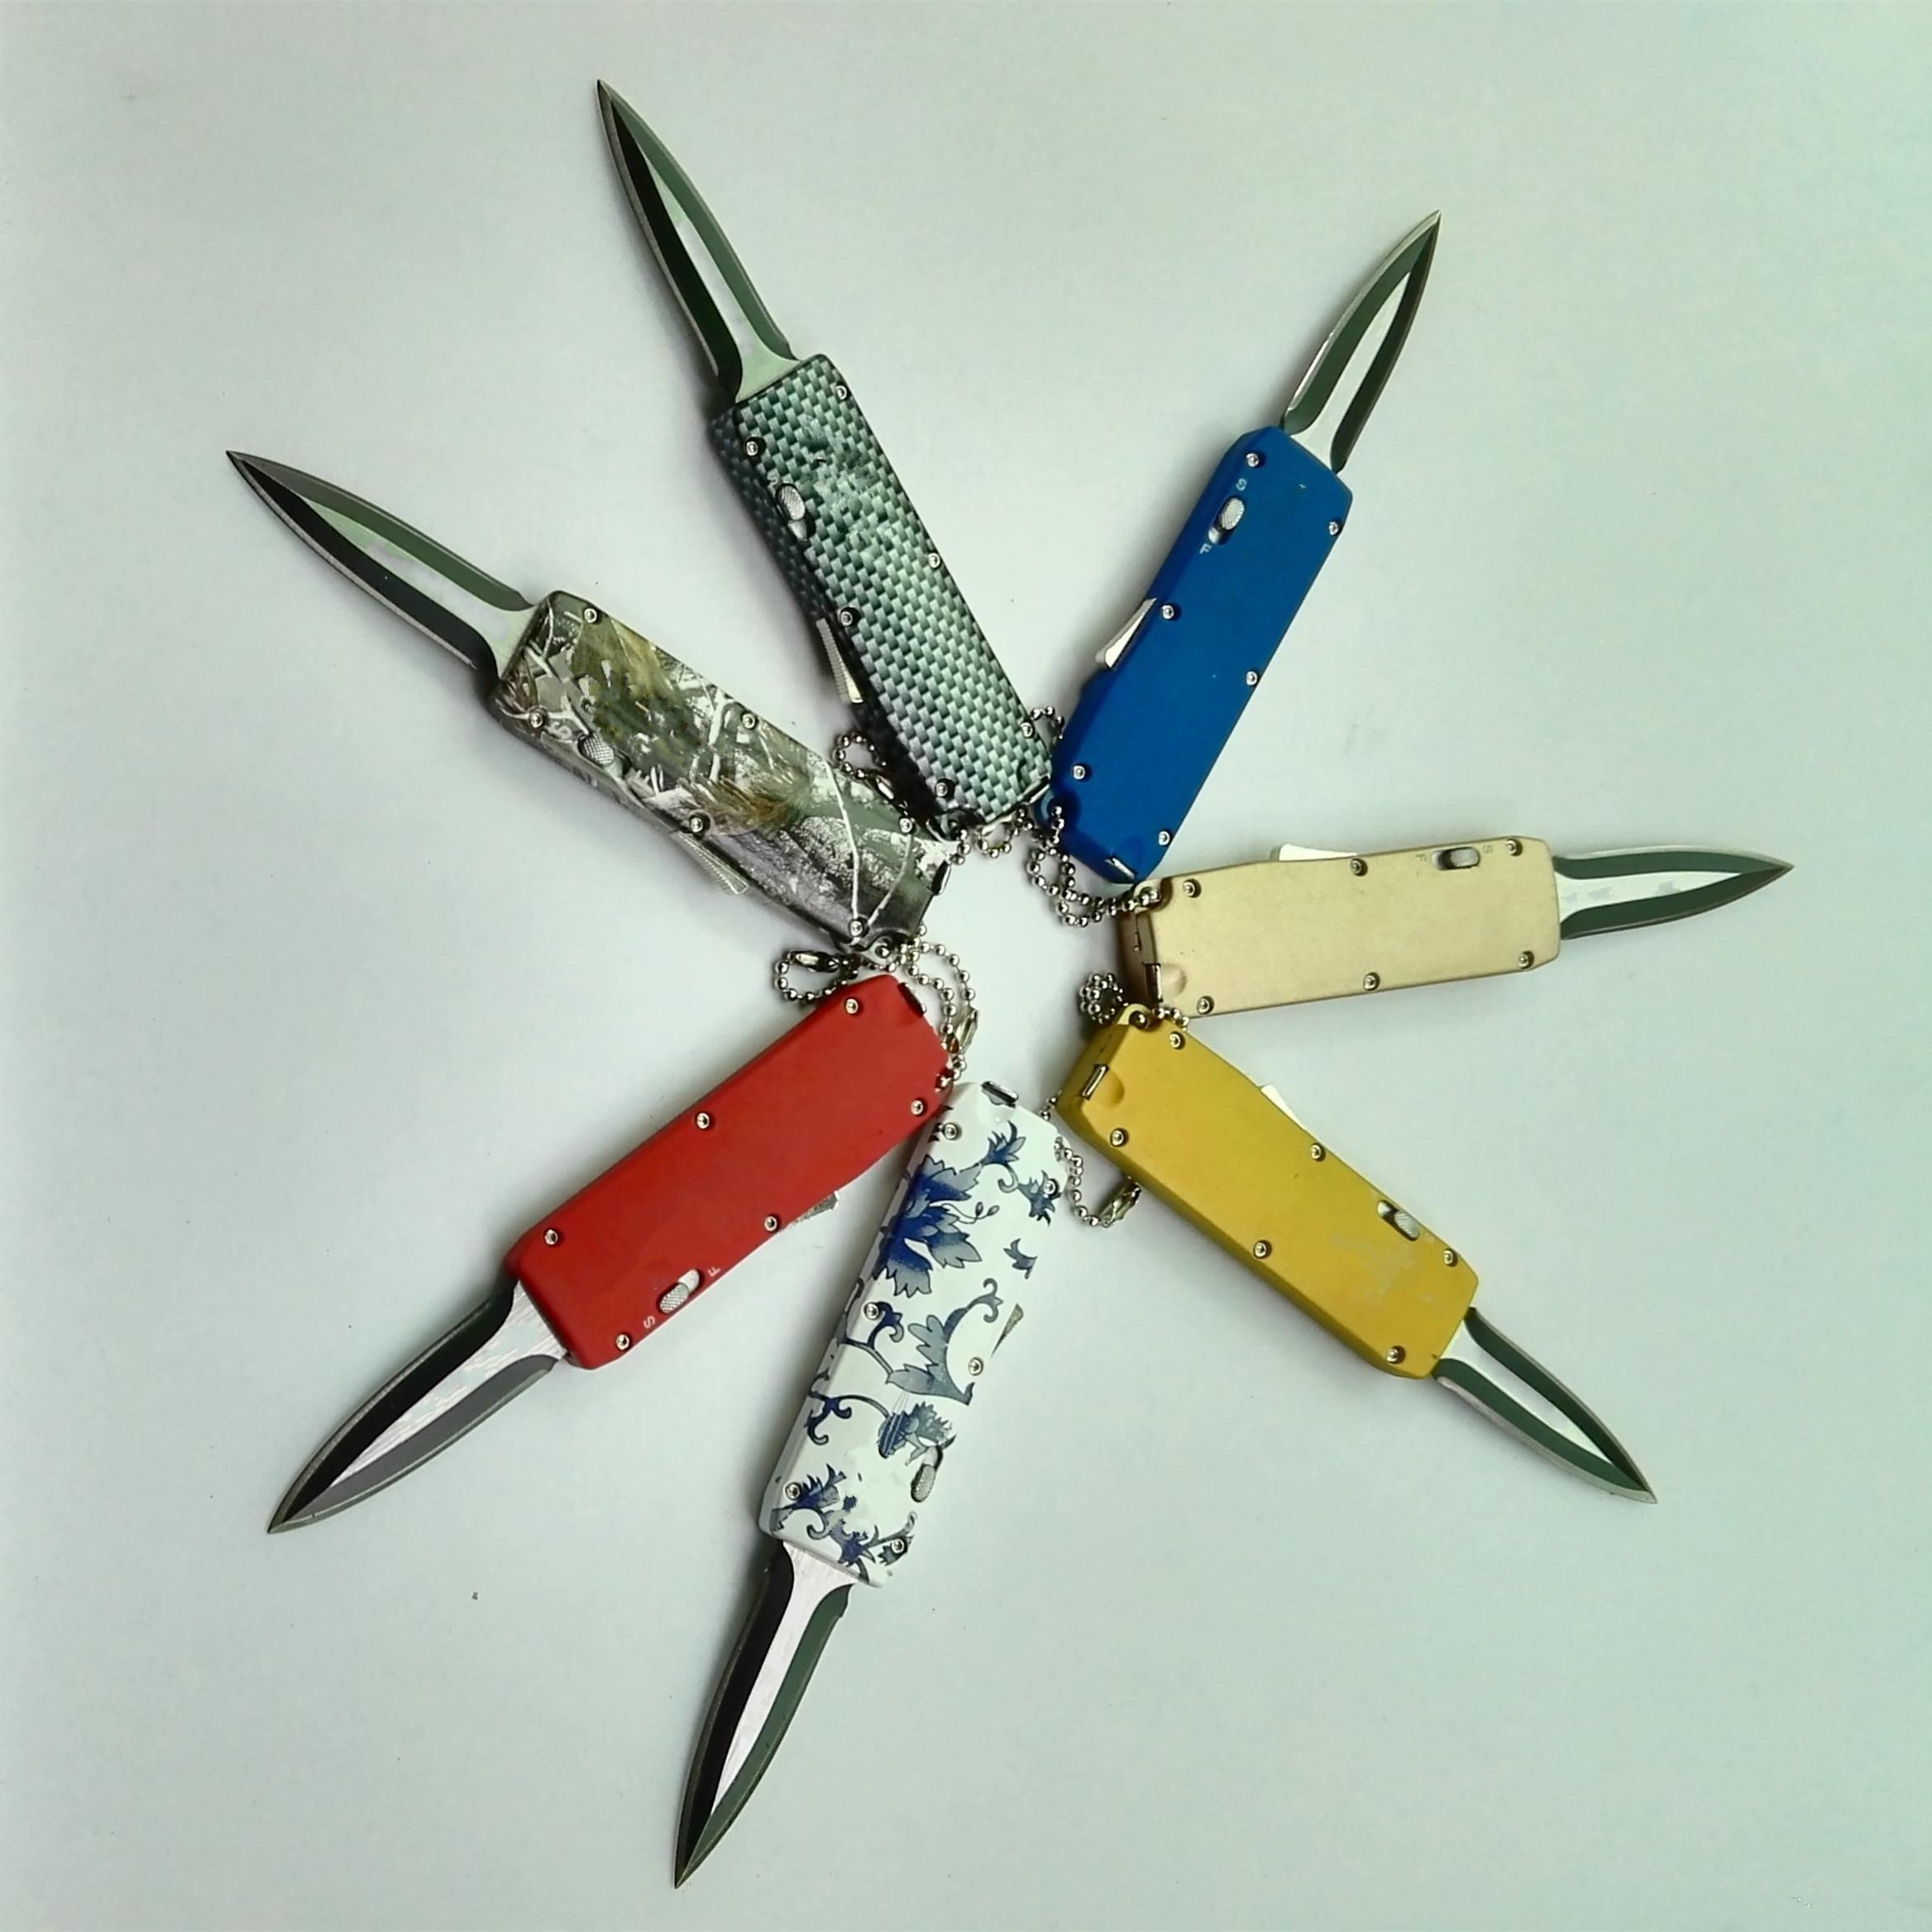 MİNİ Mini çekme yelken adamın 1pcs AdCO için Saten cep bıçak hediye şimdi anahtarlık tek eylem Bıçaklar